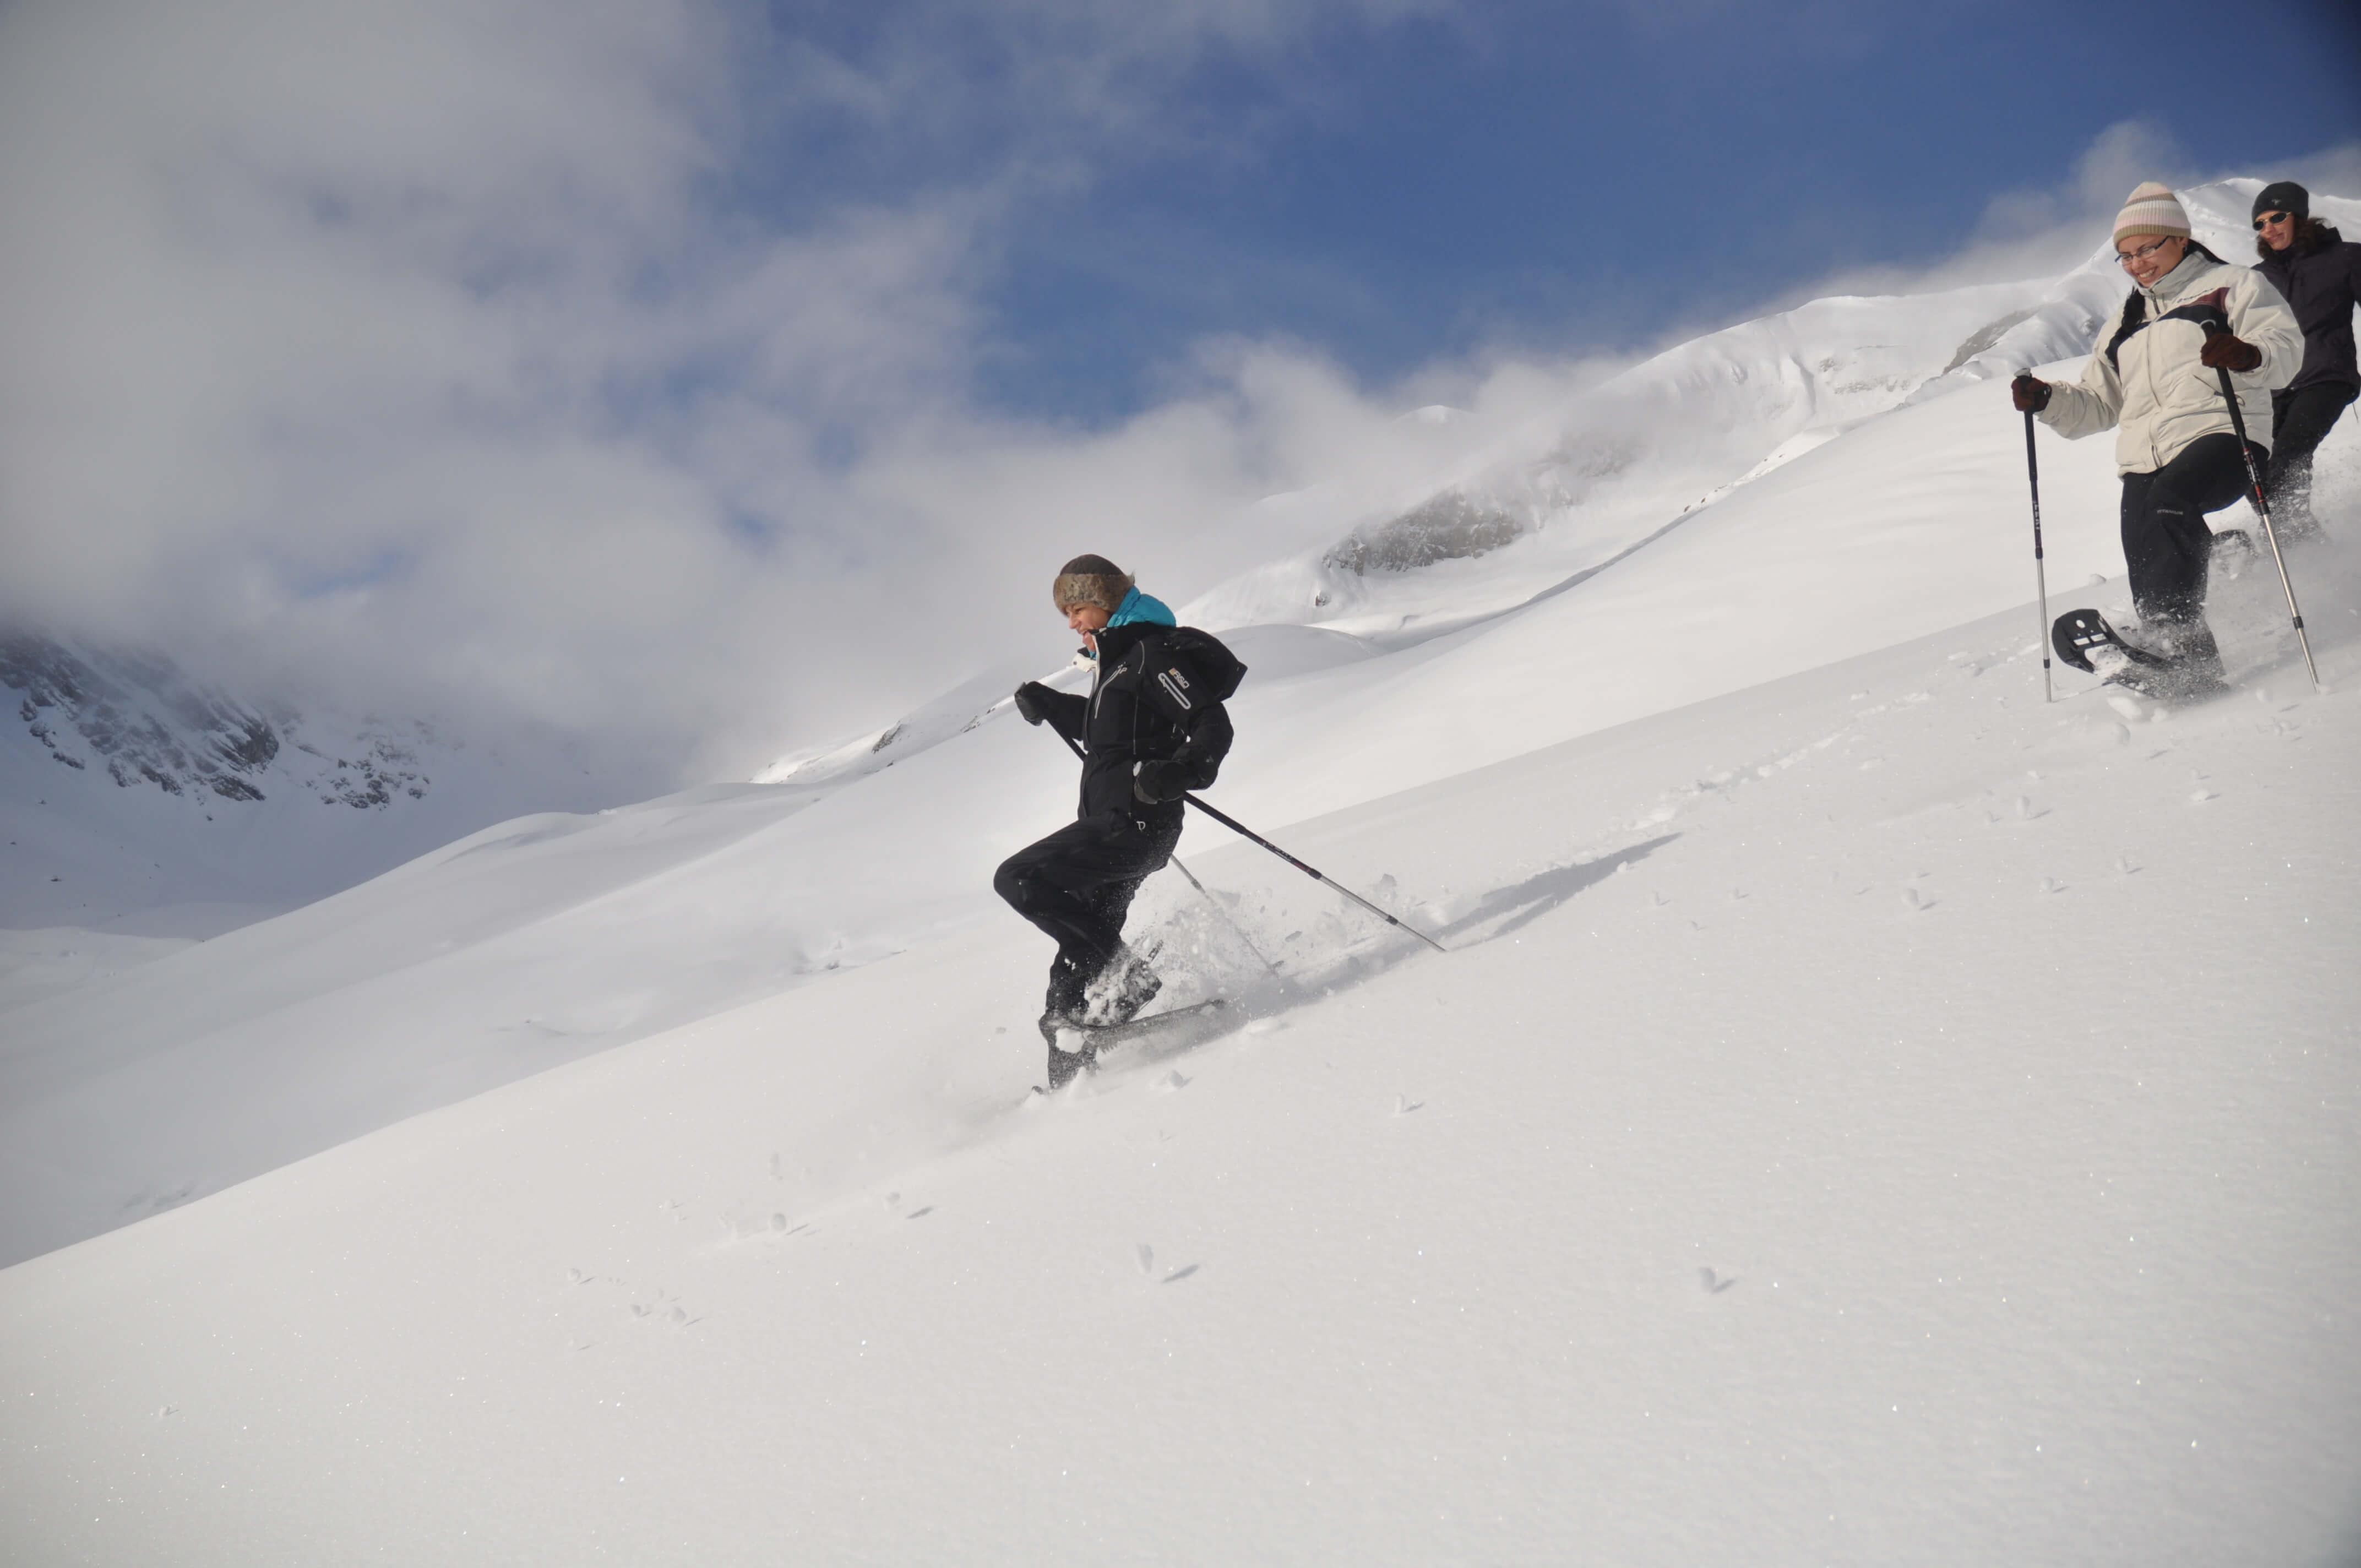 Schneeschuhwanderung im frischen Pulverschnee